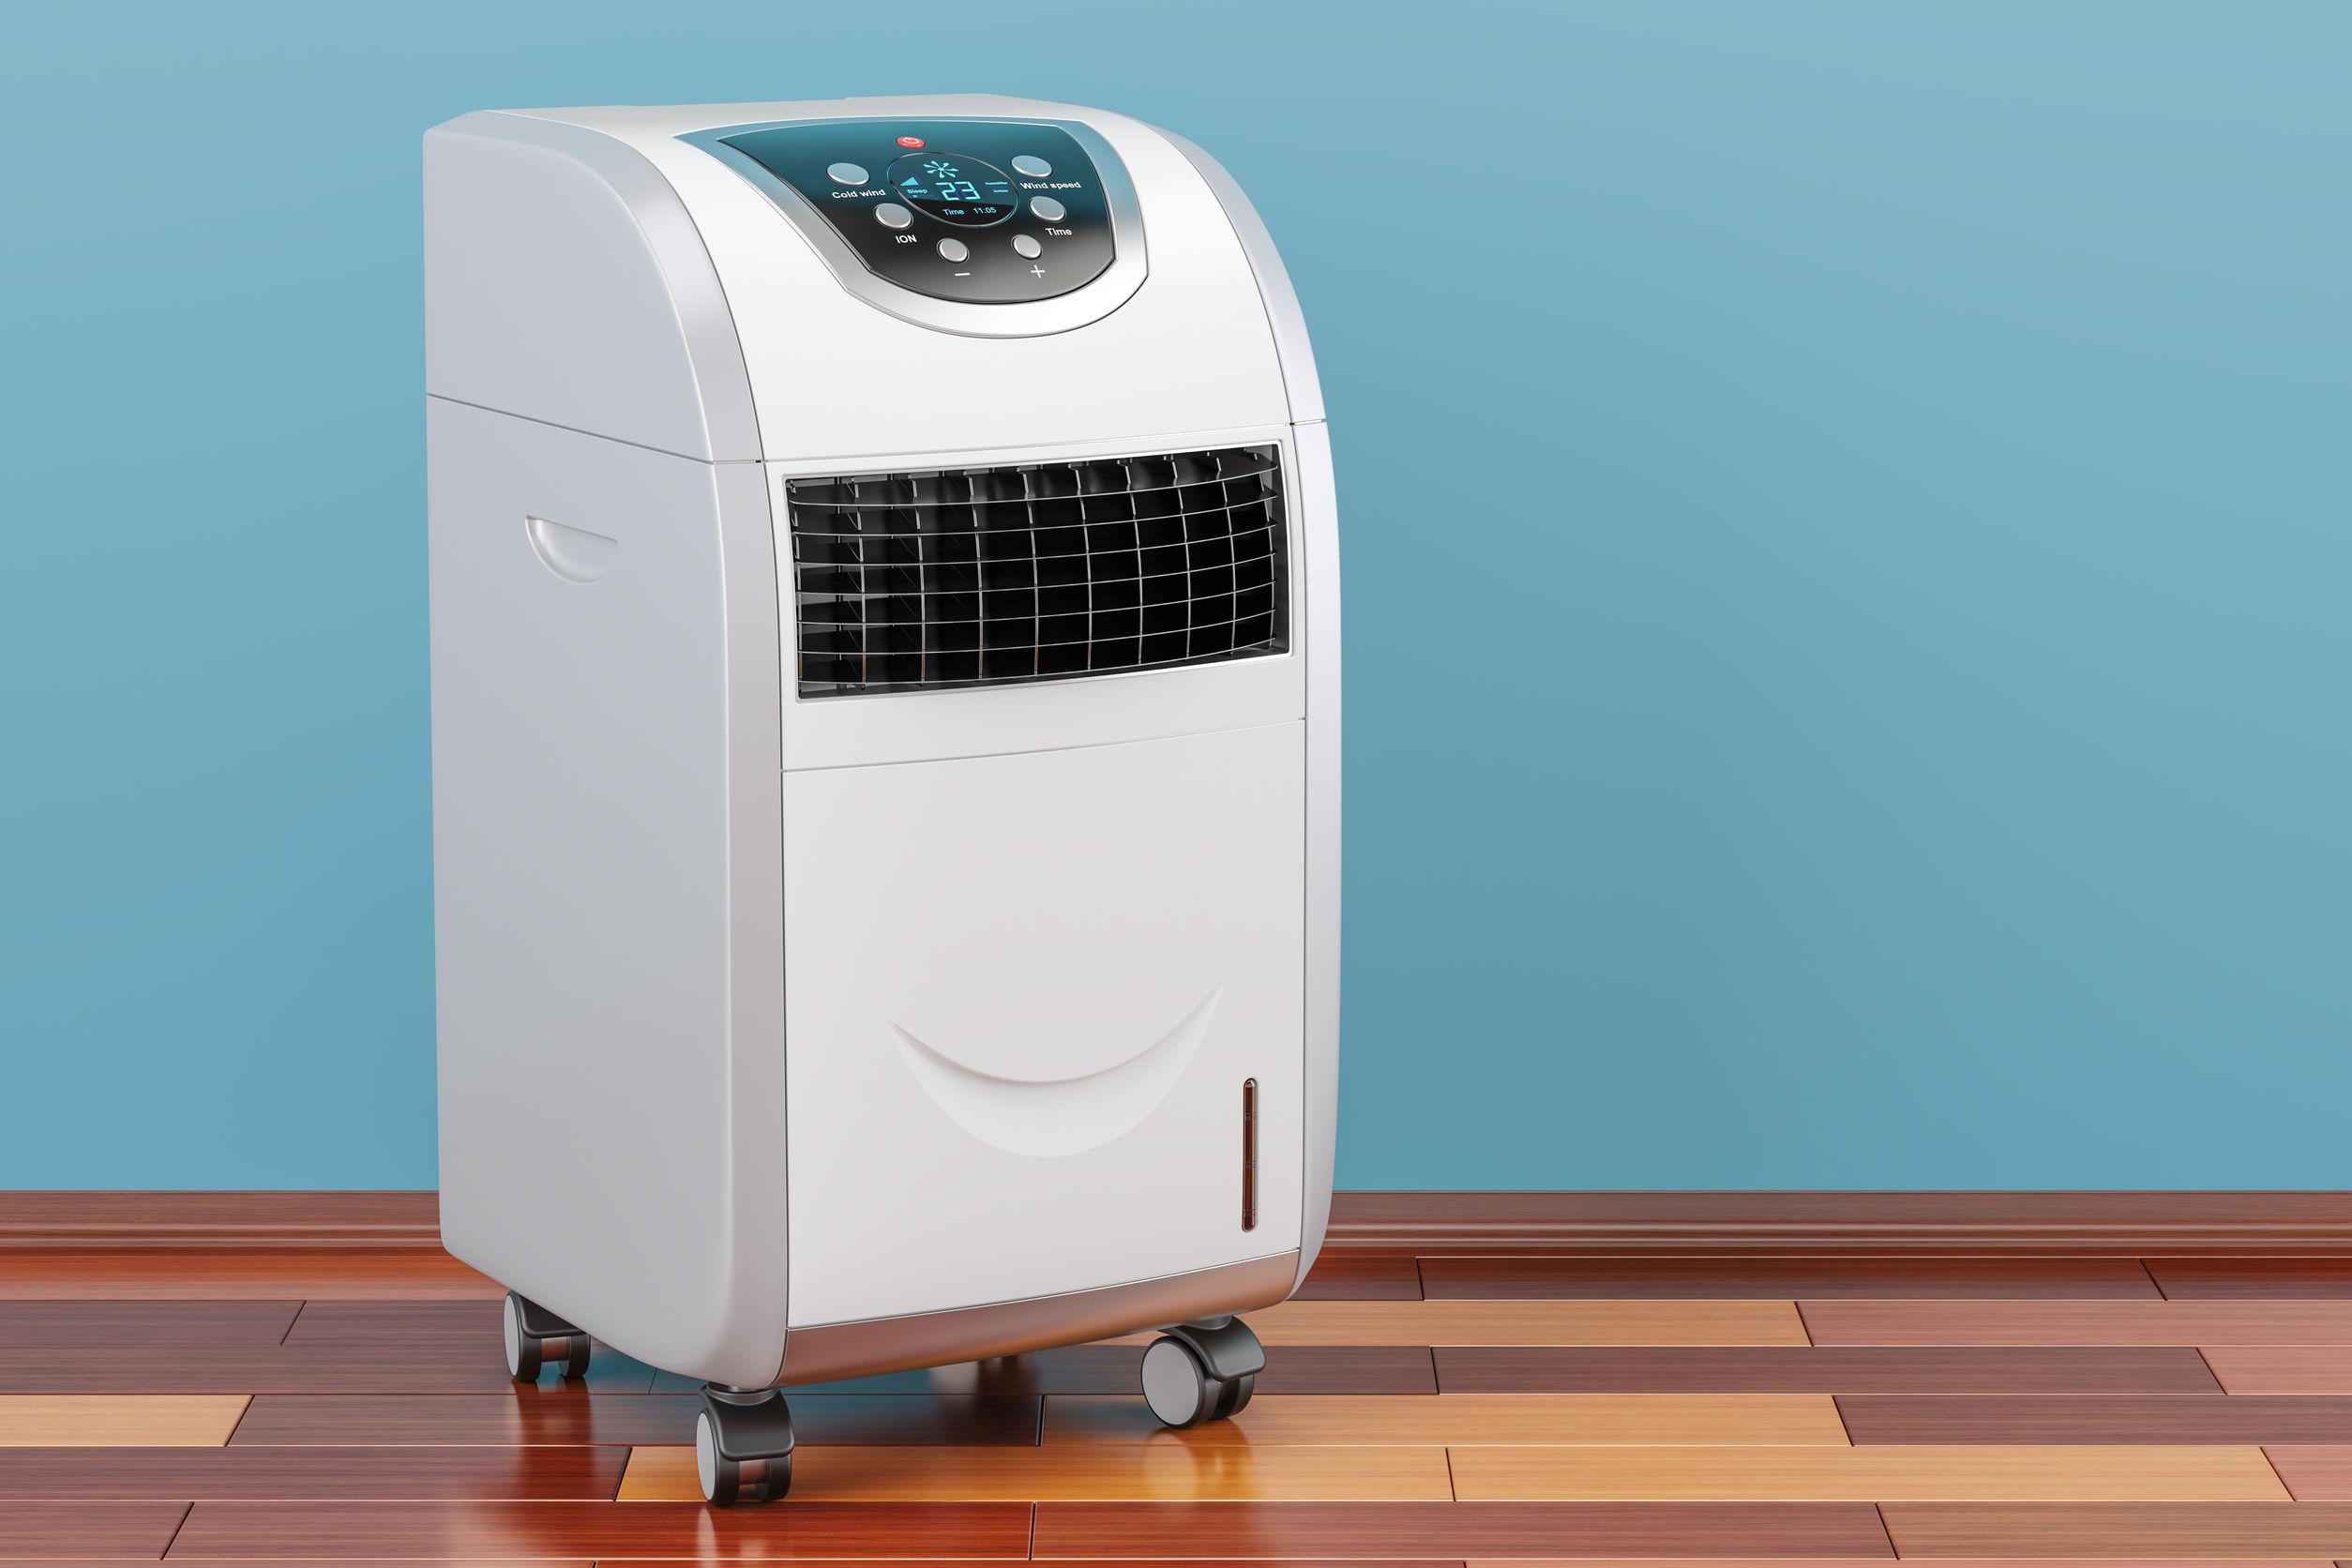 Ar condicionado portátil: Qual é o melhor de 2020?